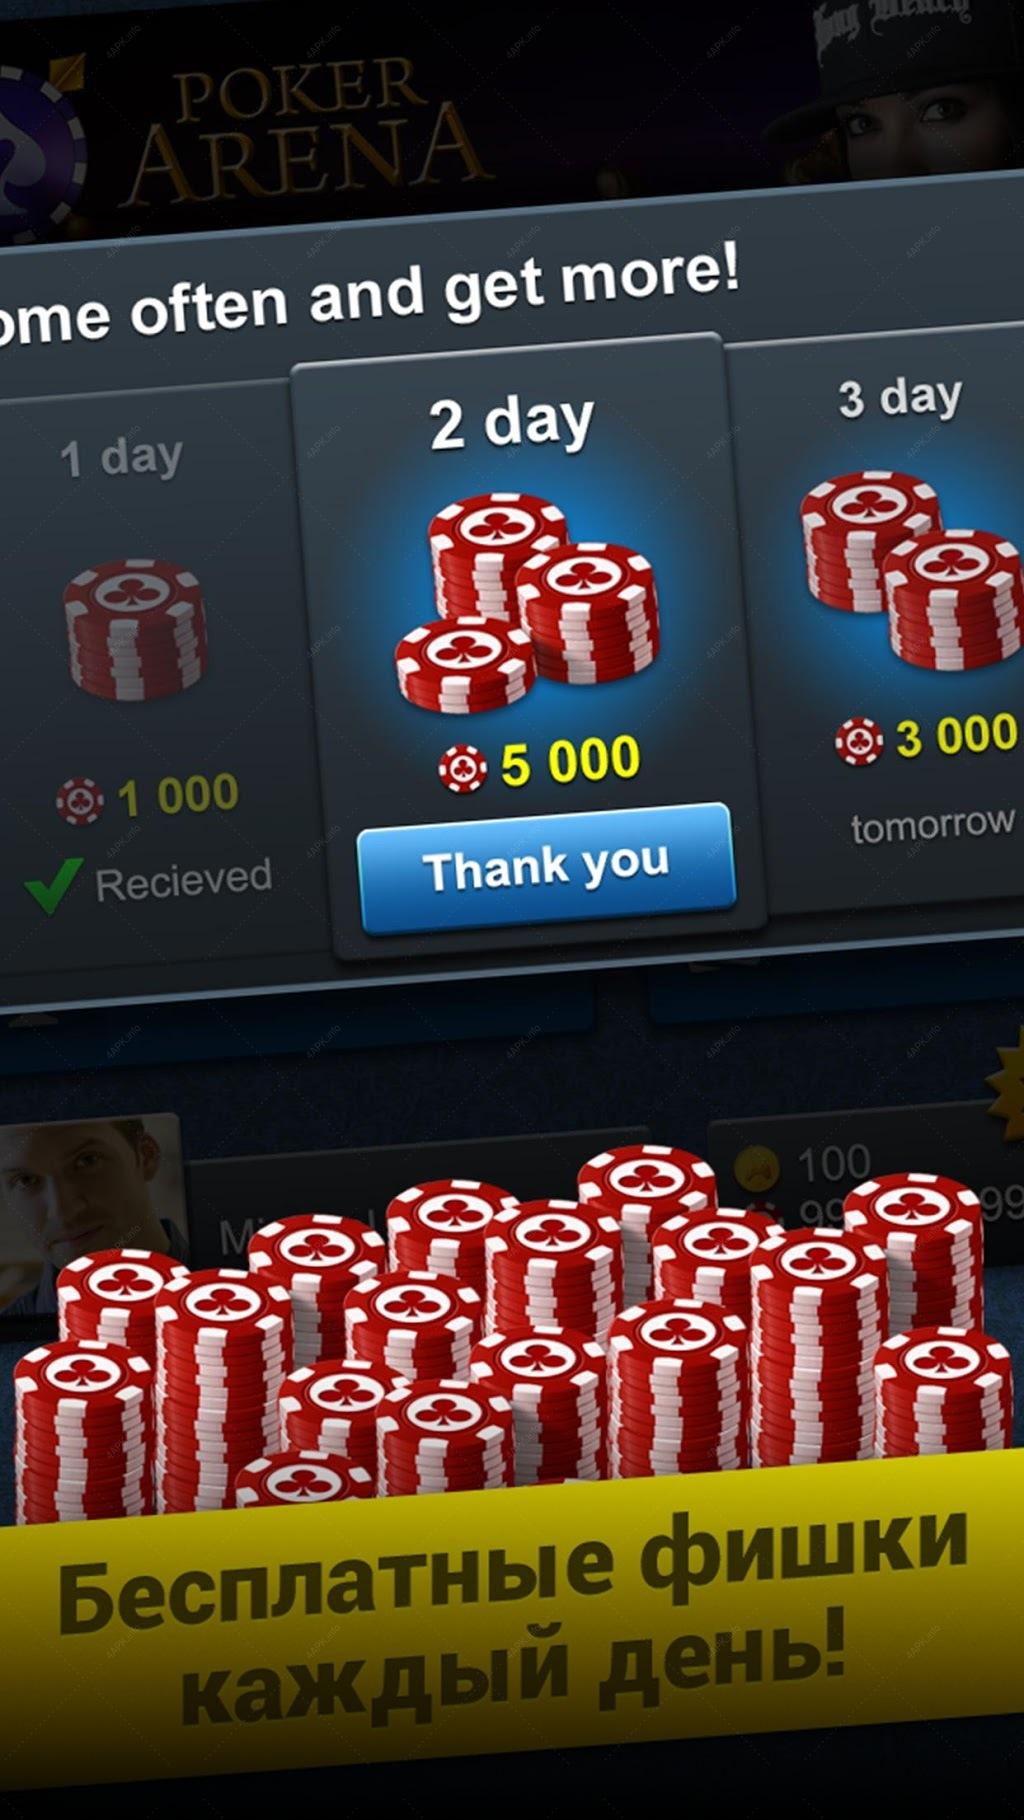 Покер онлайн бесплатно скачать покер арена 3d слот автоматы играть сейчас бесплатно без регистрации